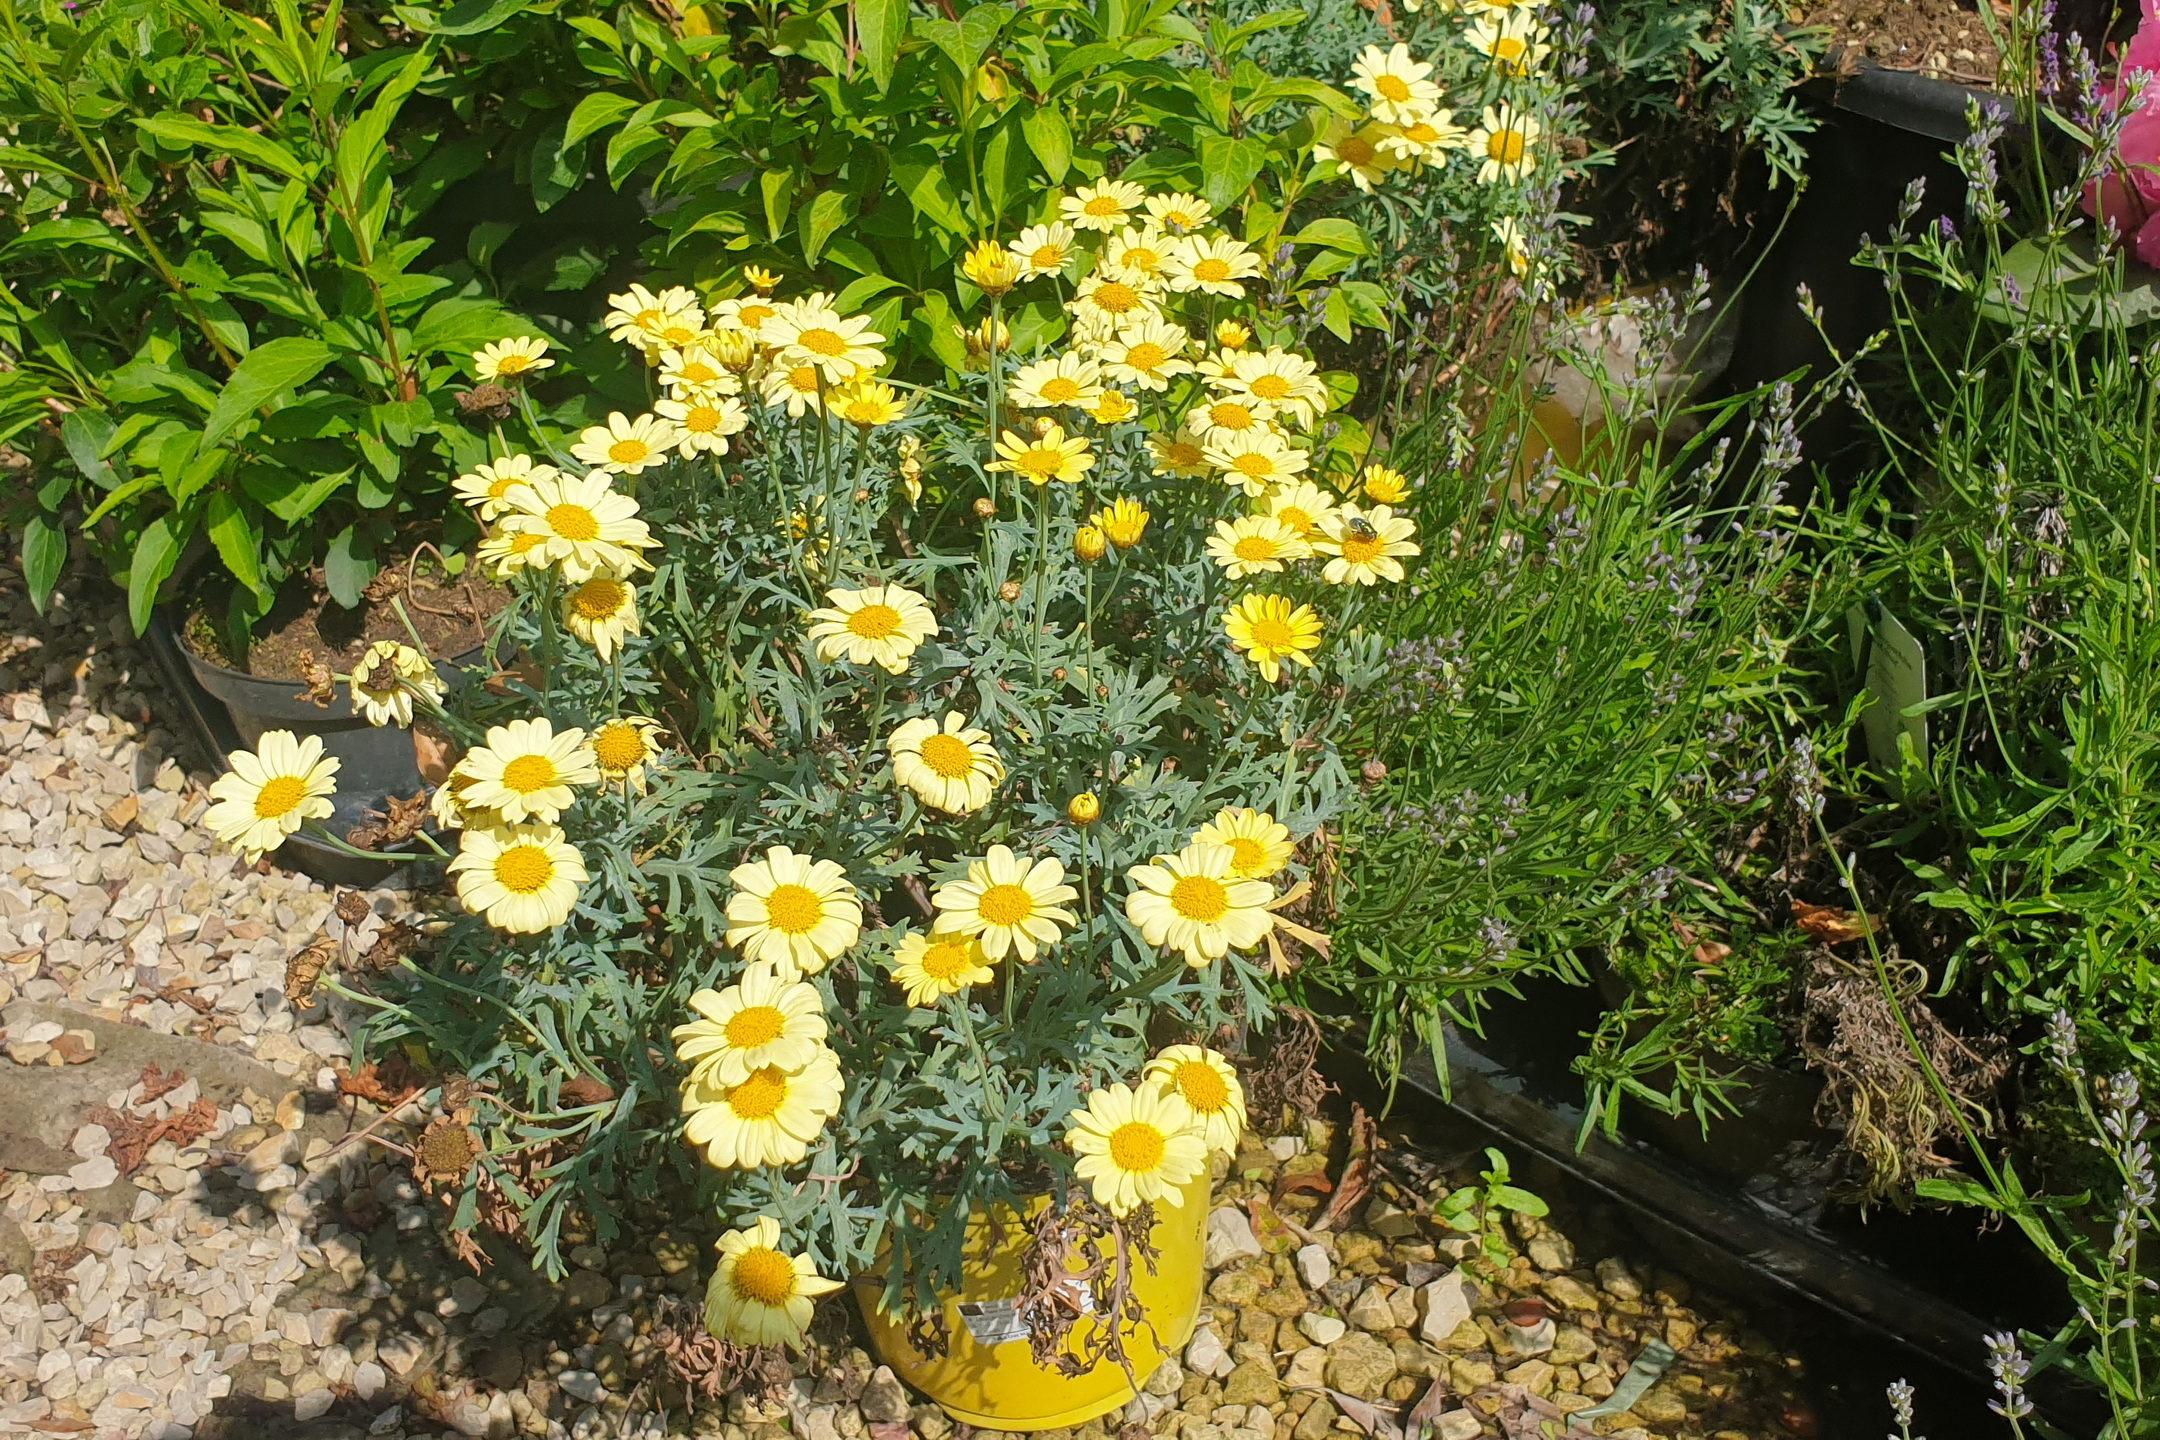 Le-jardin-des-oliviers-21-06-12-15.jpg